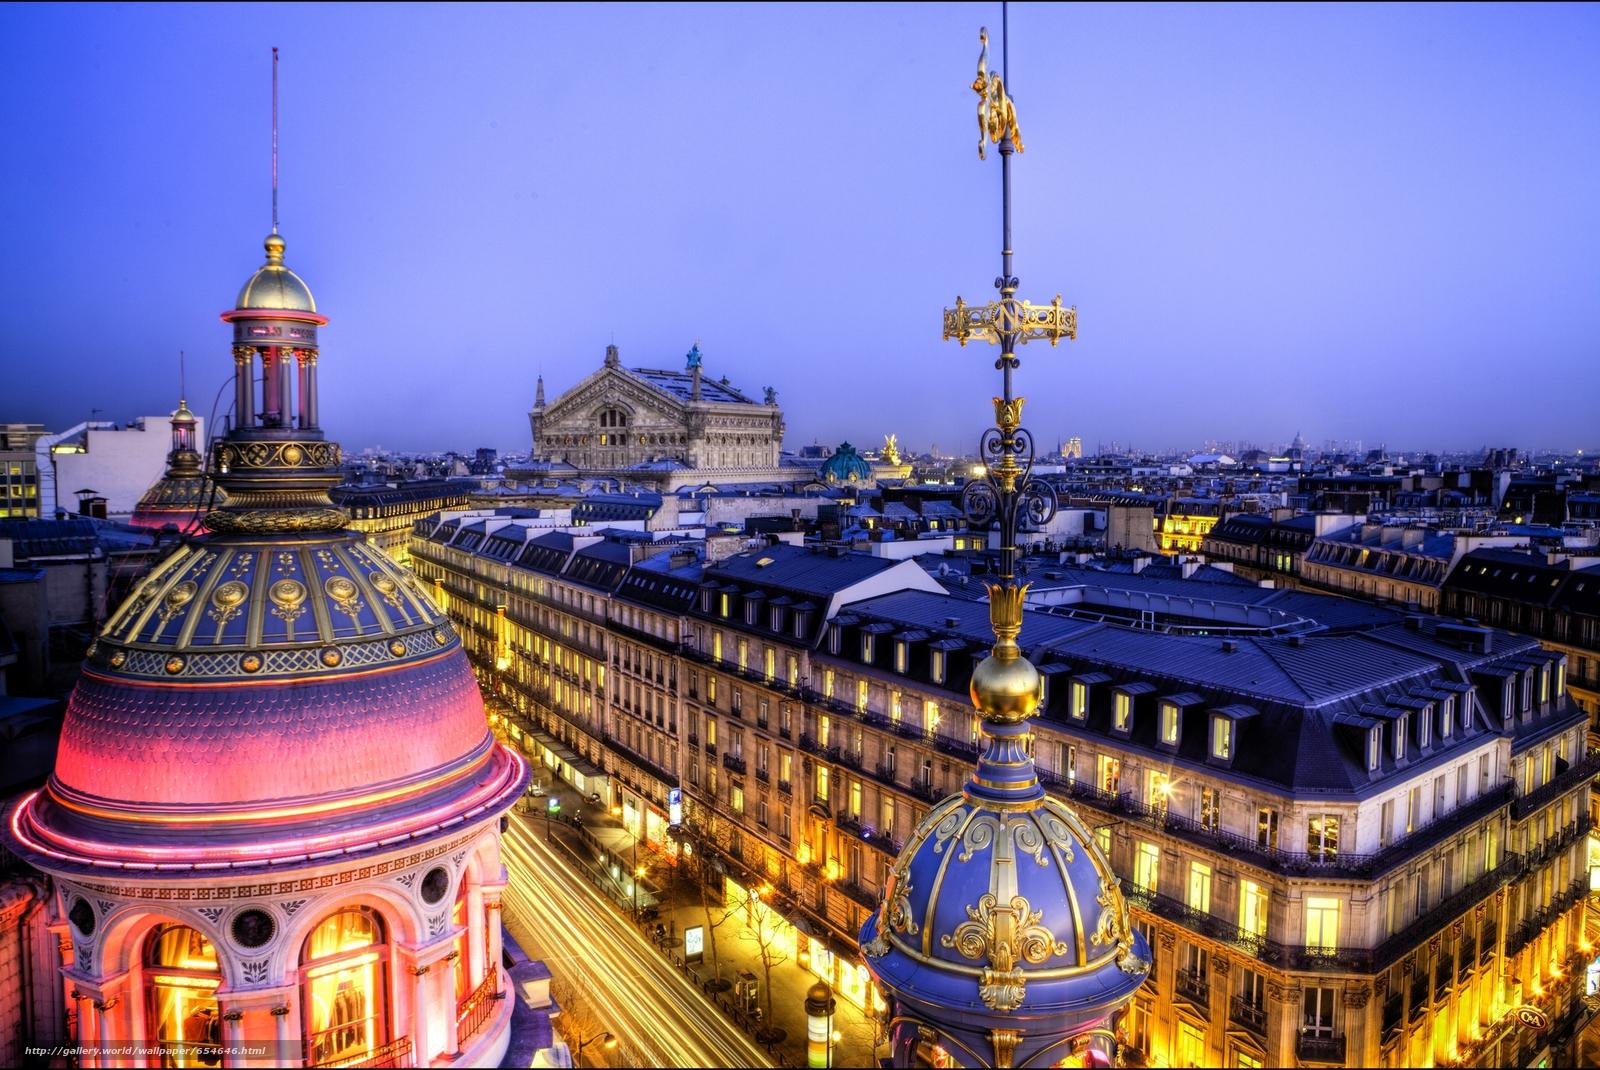 Скачать обои Paris,  France,  Париж,  Франция бесплатно для рабочего стола в разрешении 2048x1370 — картинка №654646